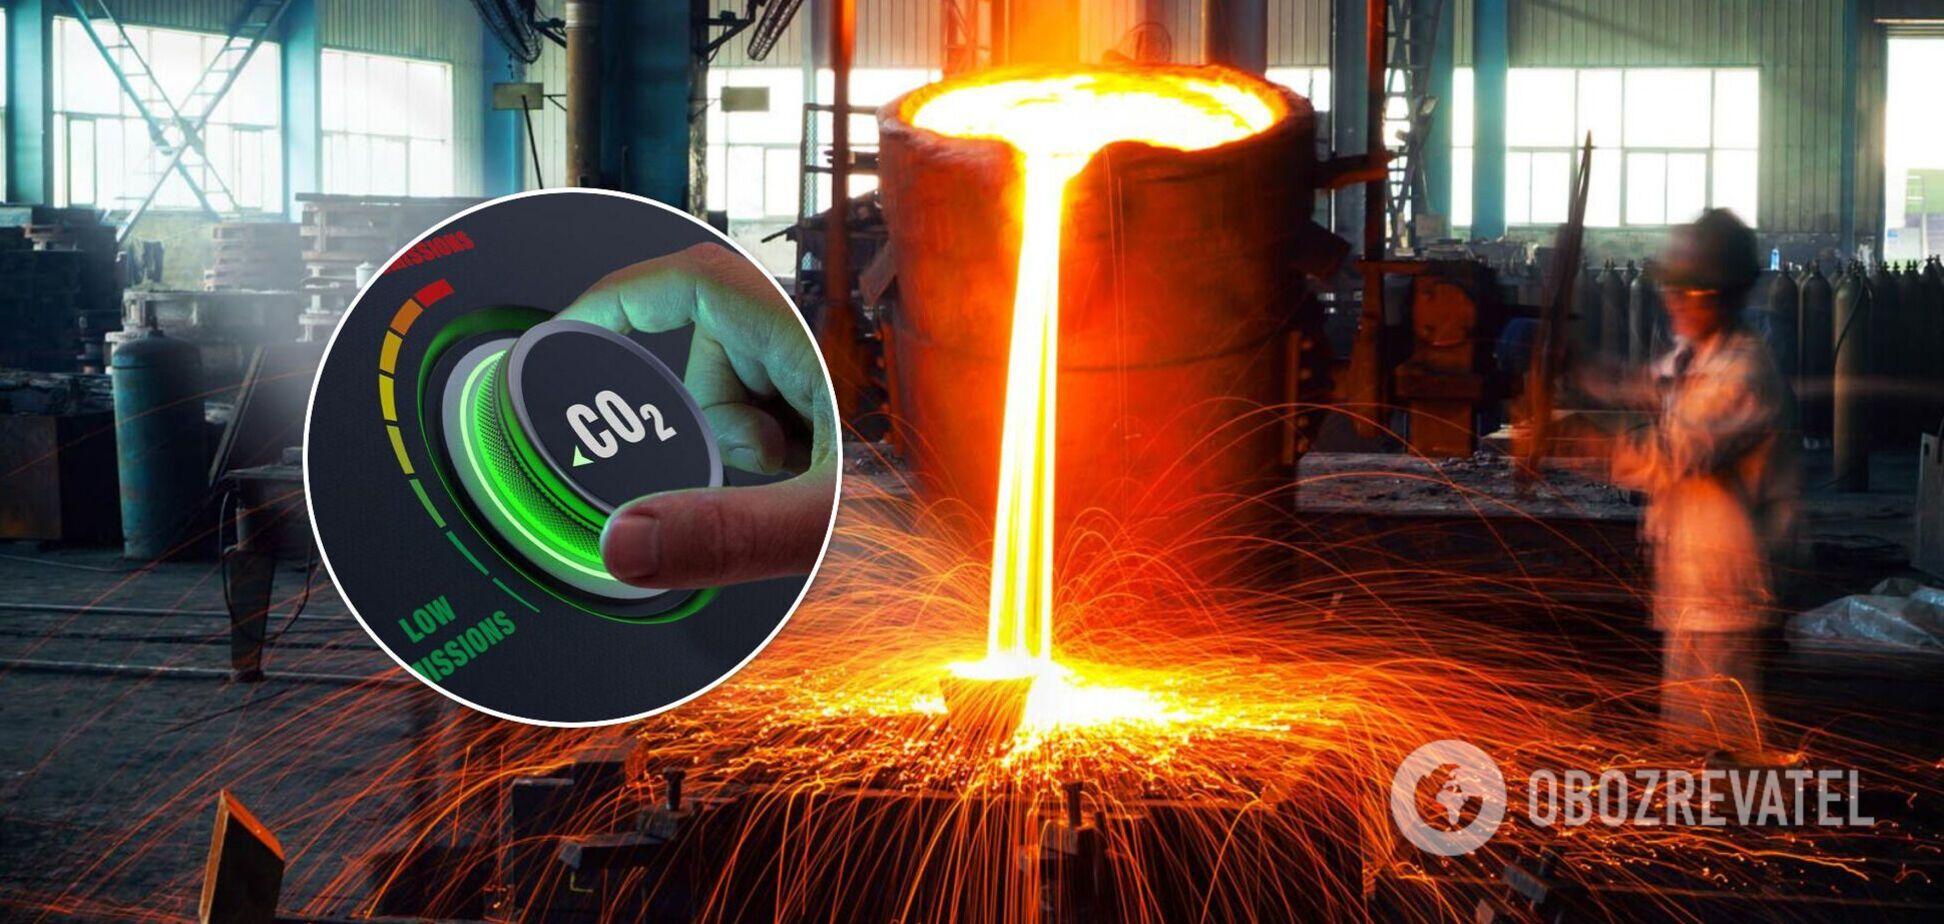 Экономику Украины будут спасать инвестициями: какие металлургические компании уже вкладывают в экологические проекты